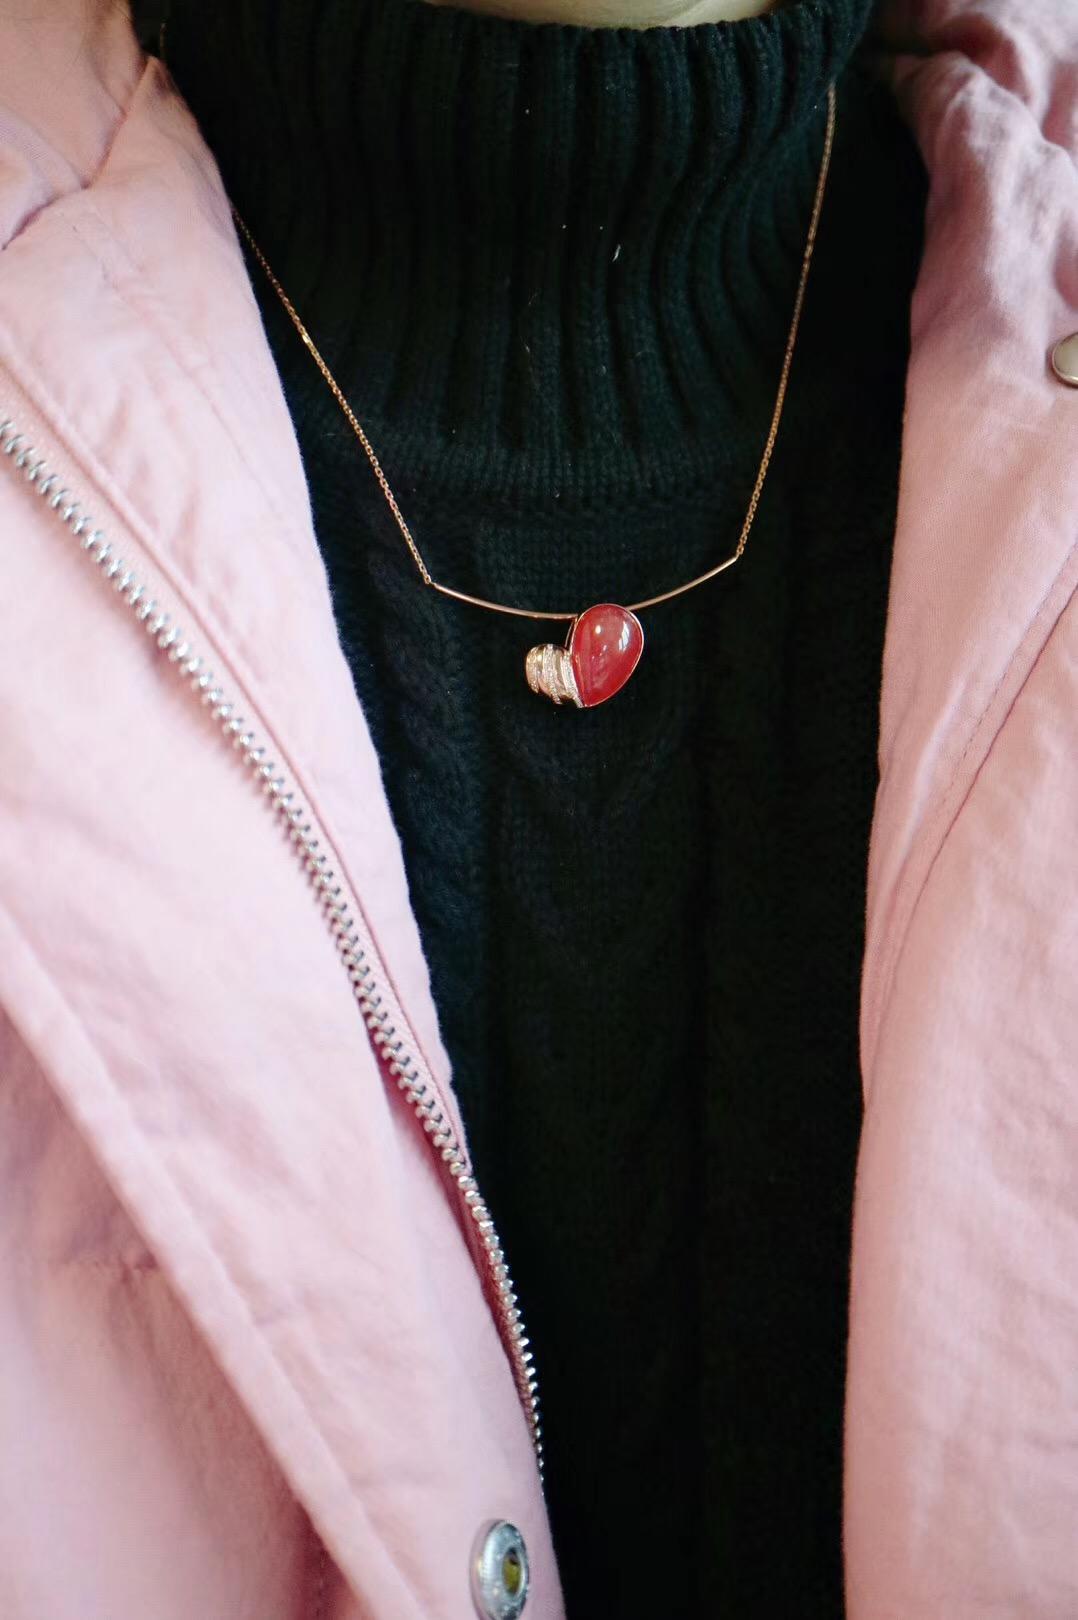 【菩心-红纹石&初心】岁月迟暮,初心不改-菩心晶舍